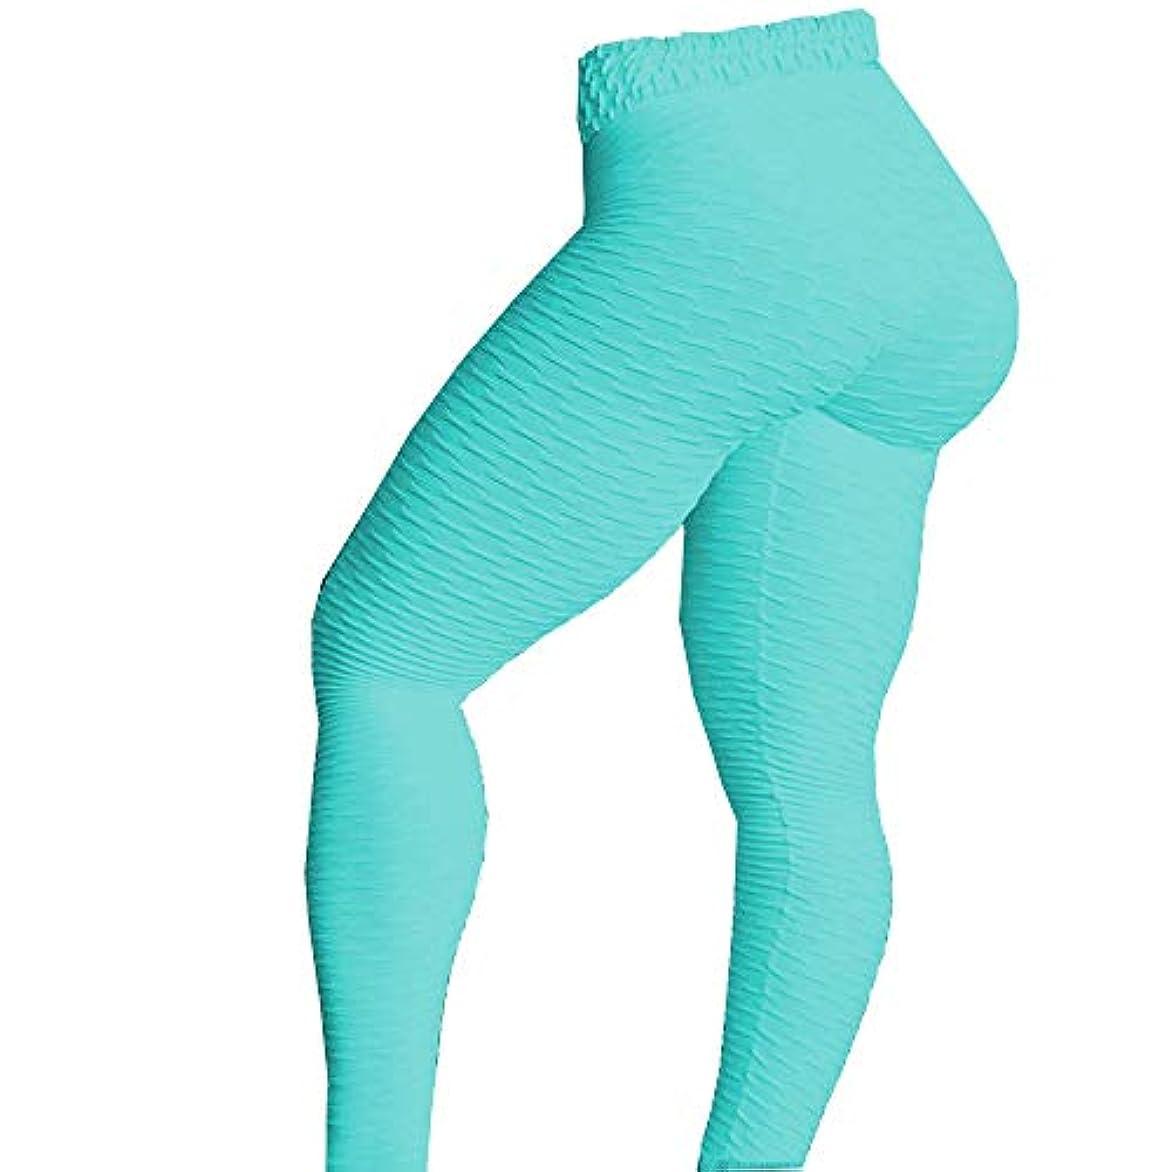 演劇転倒MIFAN パンツ女性、ハイウエストパンツ、スキニーパンツ、ヨガレギンス、女性のズボン、ランニングパンツ、スポーツウェア